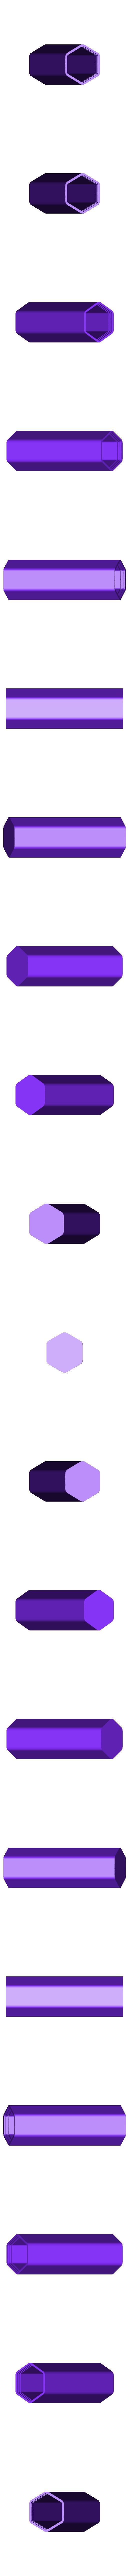 HexaPill - Case.stl Download STL file HexaPill - Modular pillbox / pill dispenser • 3D printing design, yozz